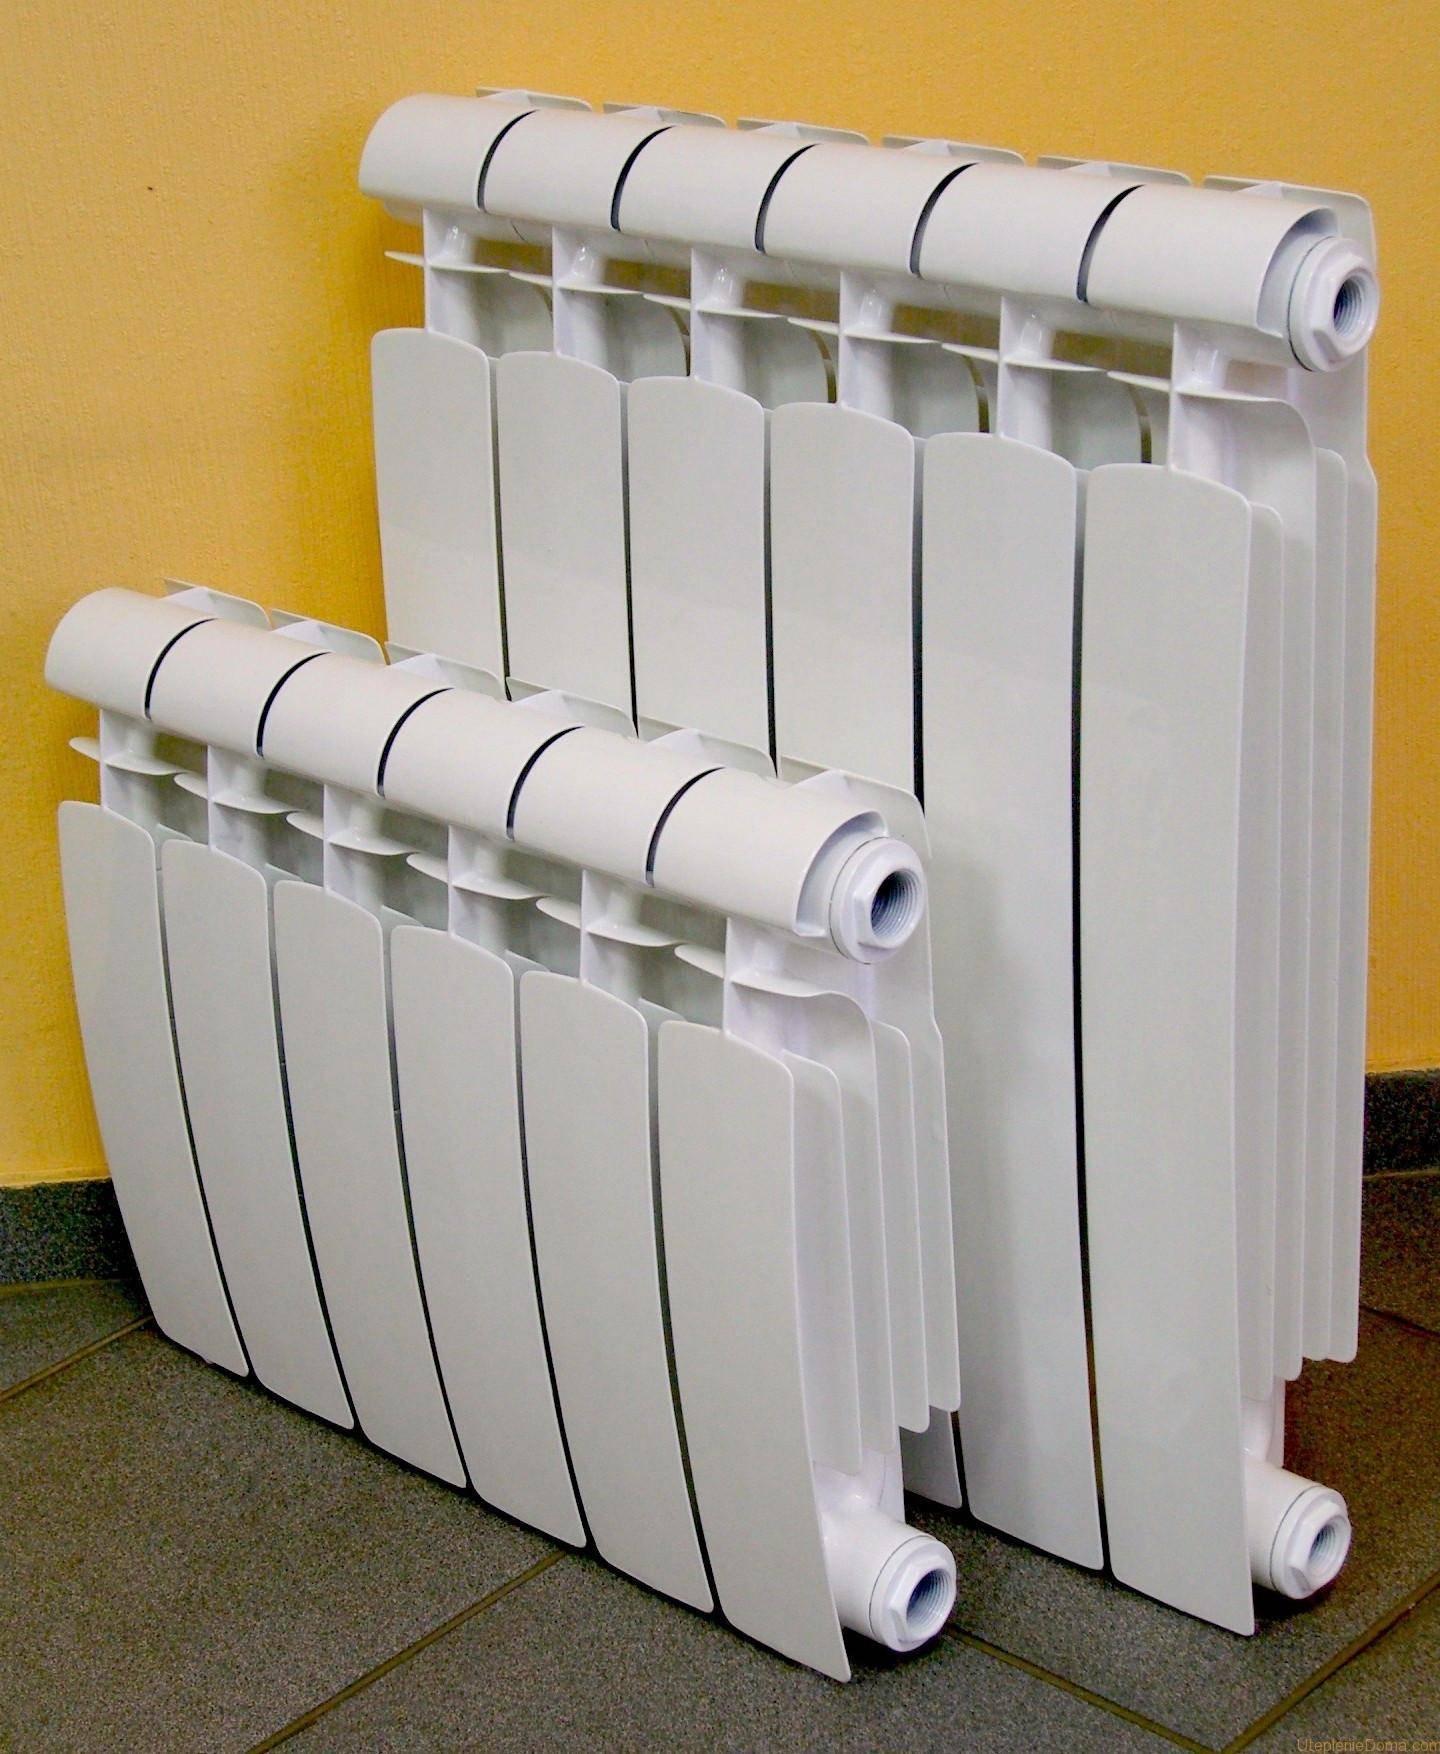 Какие радиаторы лучше алюминиевые или биметаллические + видео